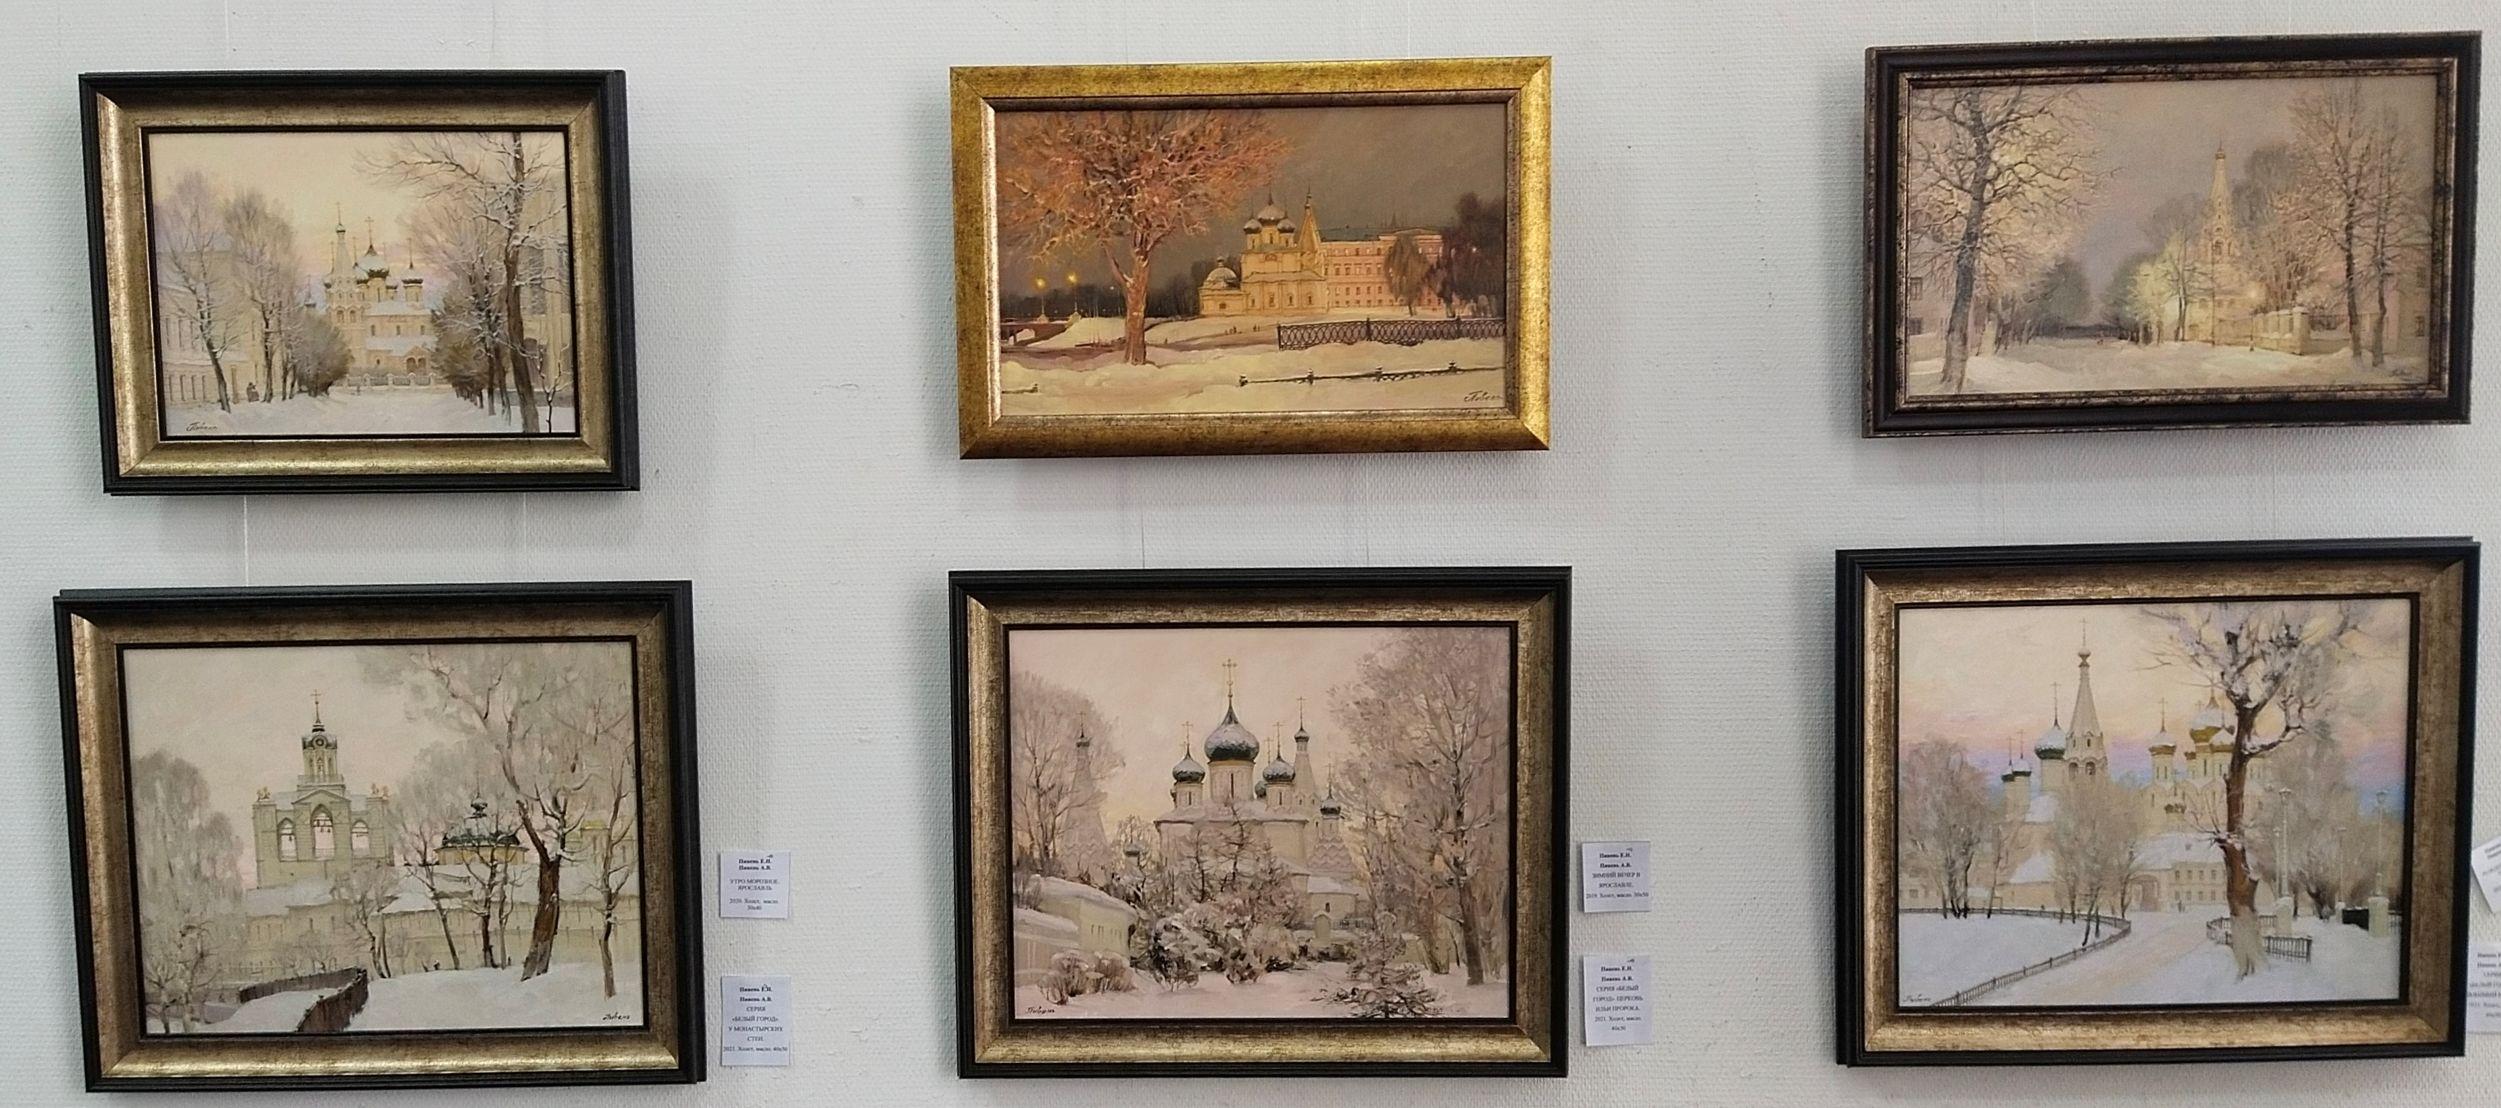 Выставка Елены и Аркадия Пивень открылась в Ярославле